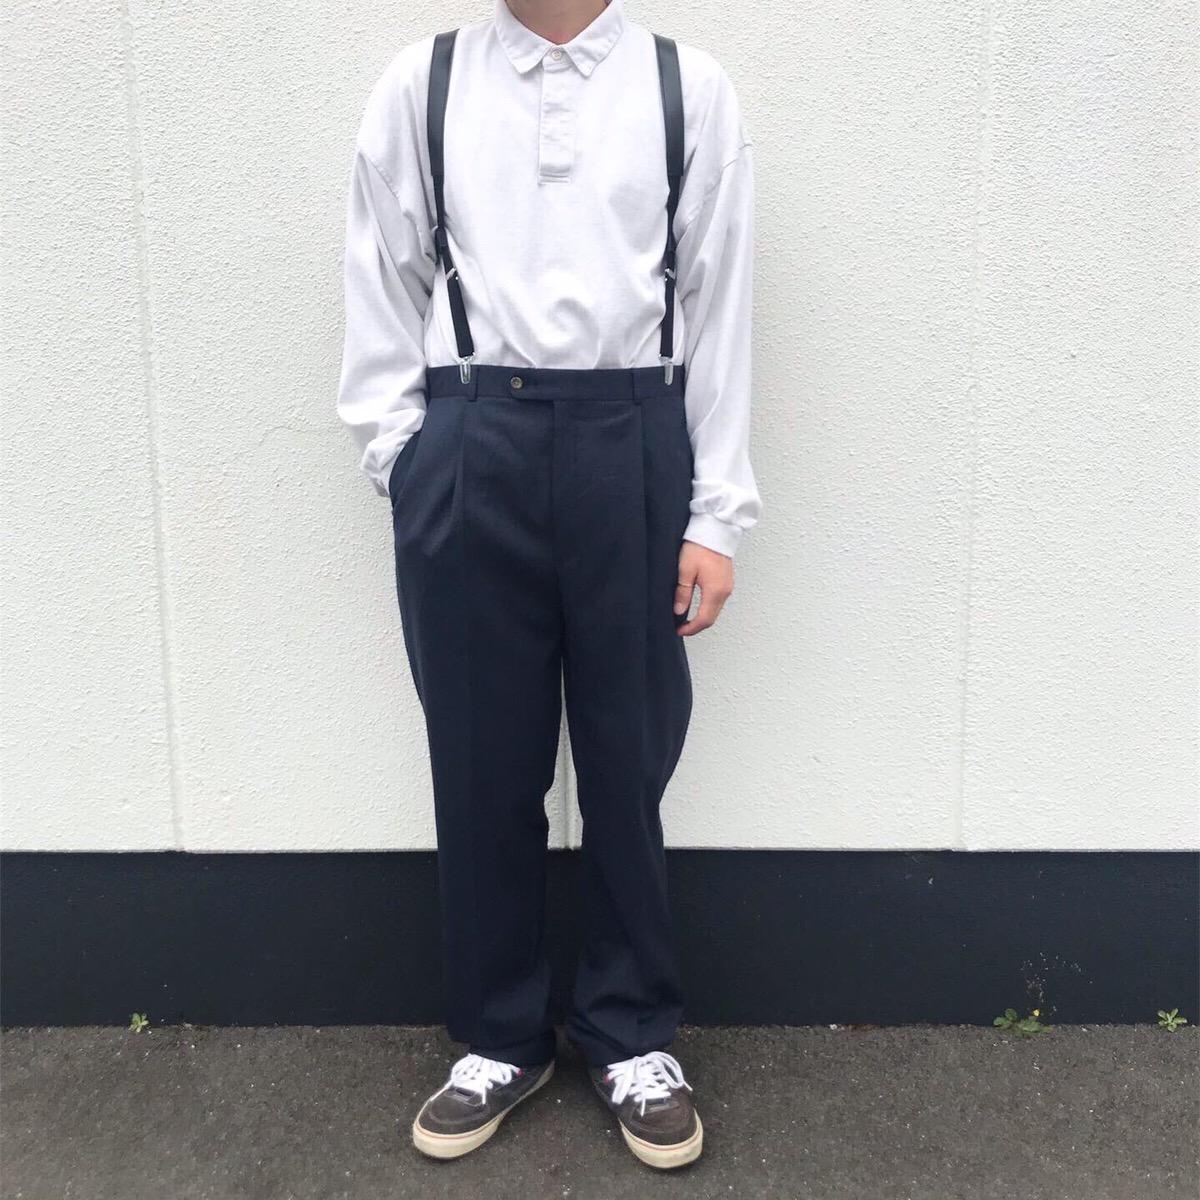 2019年6月23日 | 90年代ジェイクルーラガーシャツとトミーヒルフィガースラックスパンツのモノトーンコーデ